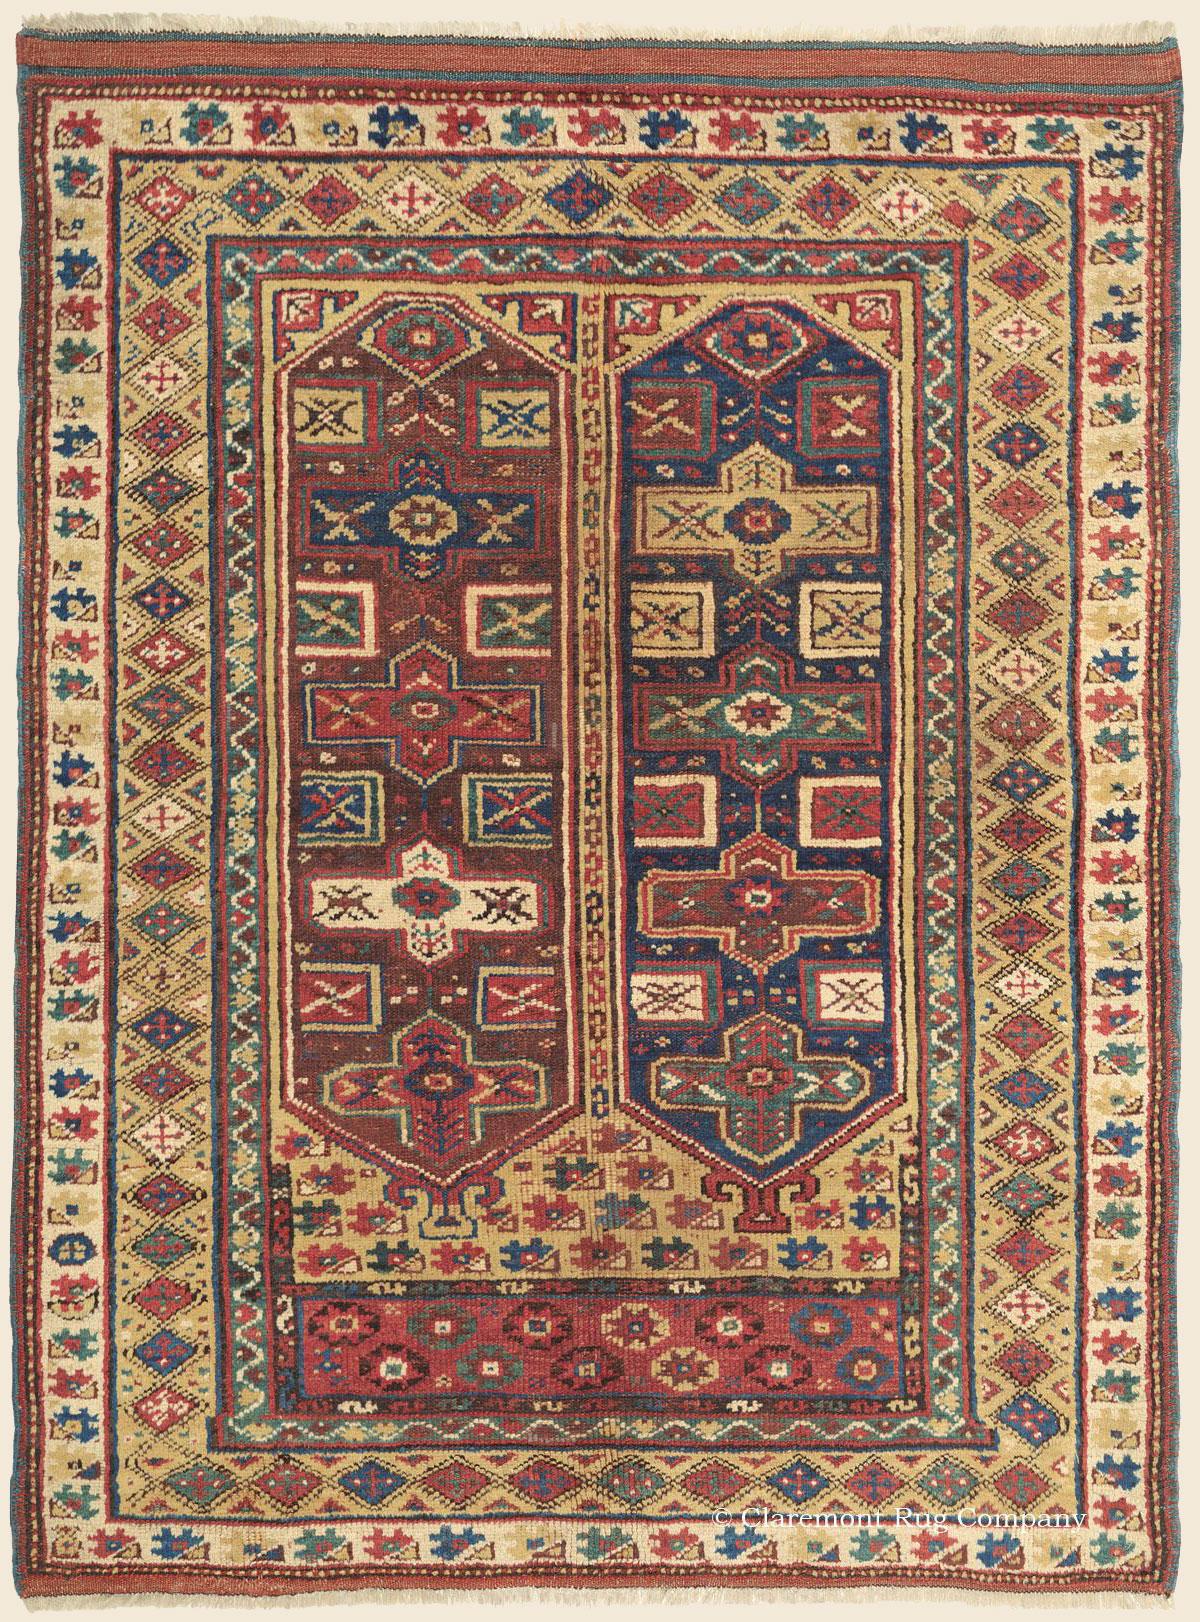 bergama turkey antique rug claremont rug company. Black Bedroom Furniture Sets. Home Design Ideas